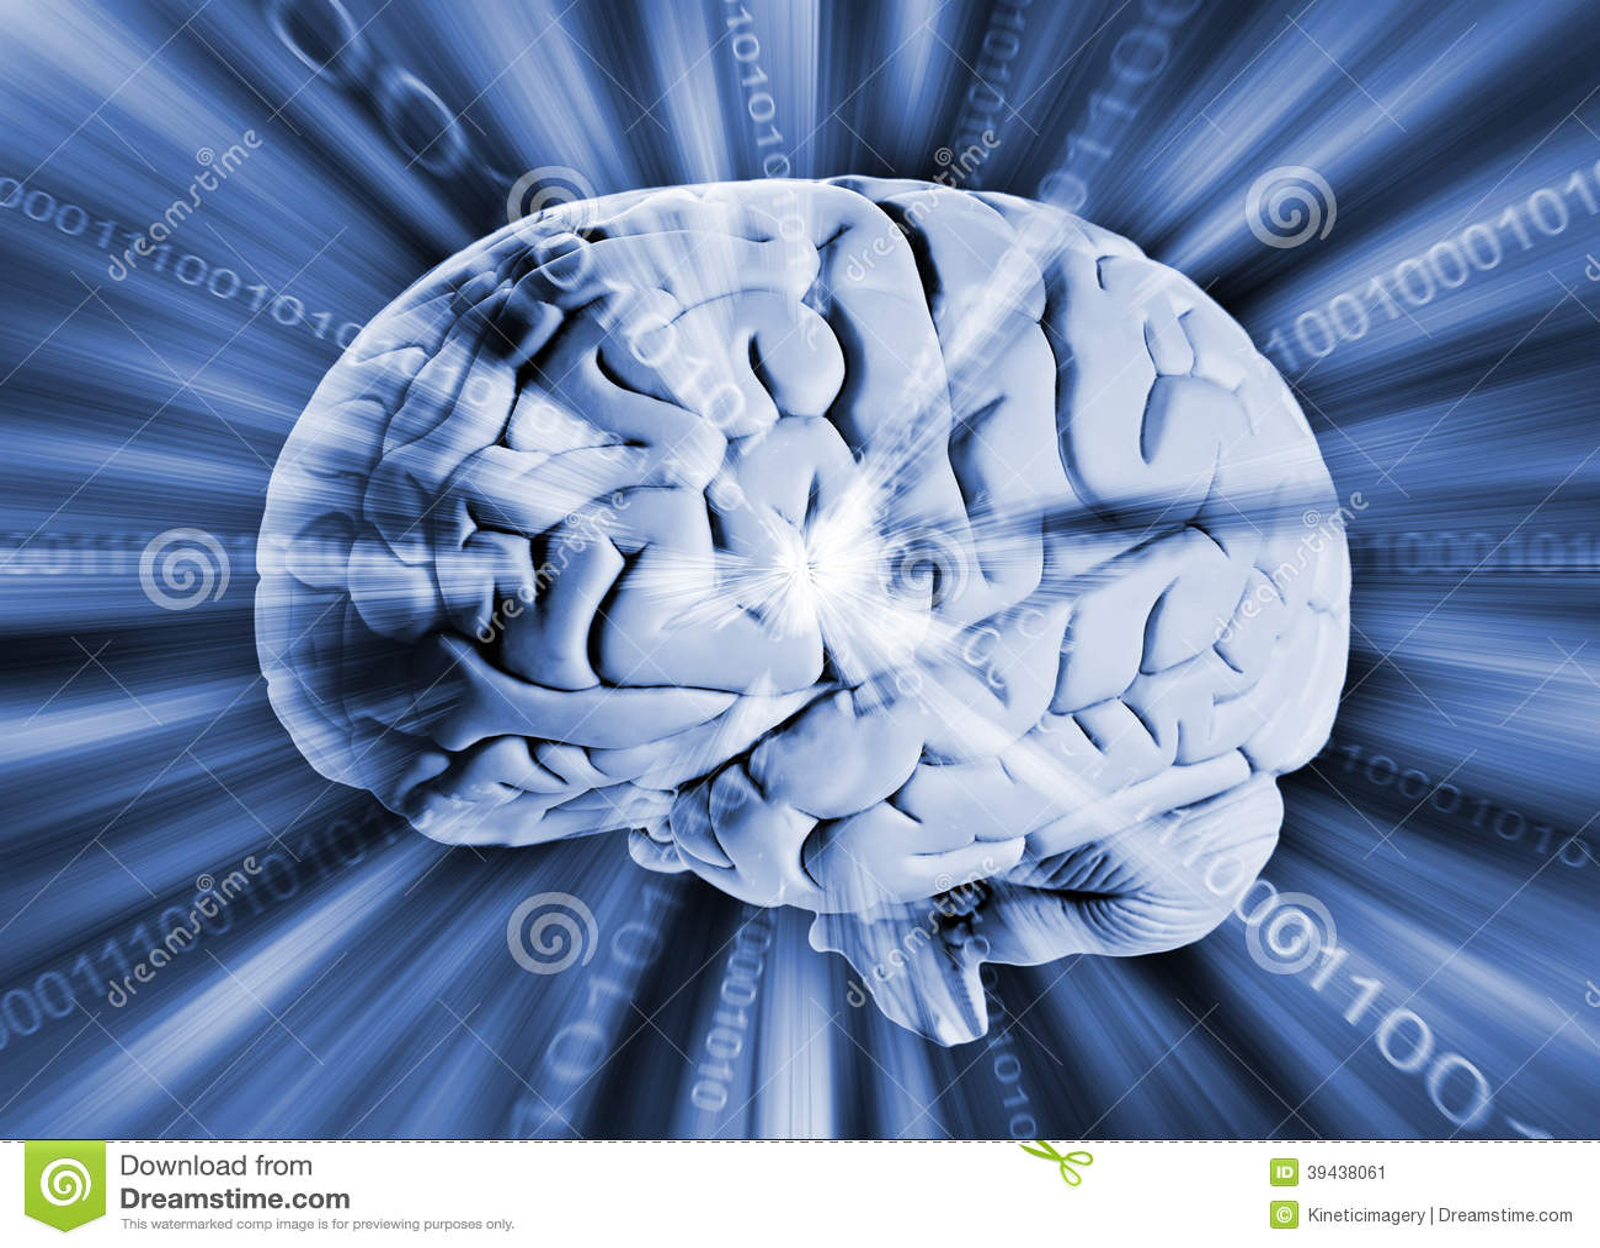 Ανθρώπινος εγκέφαλος με το δυαδικό κώδικα